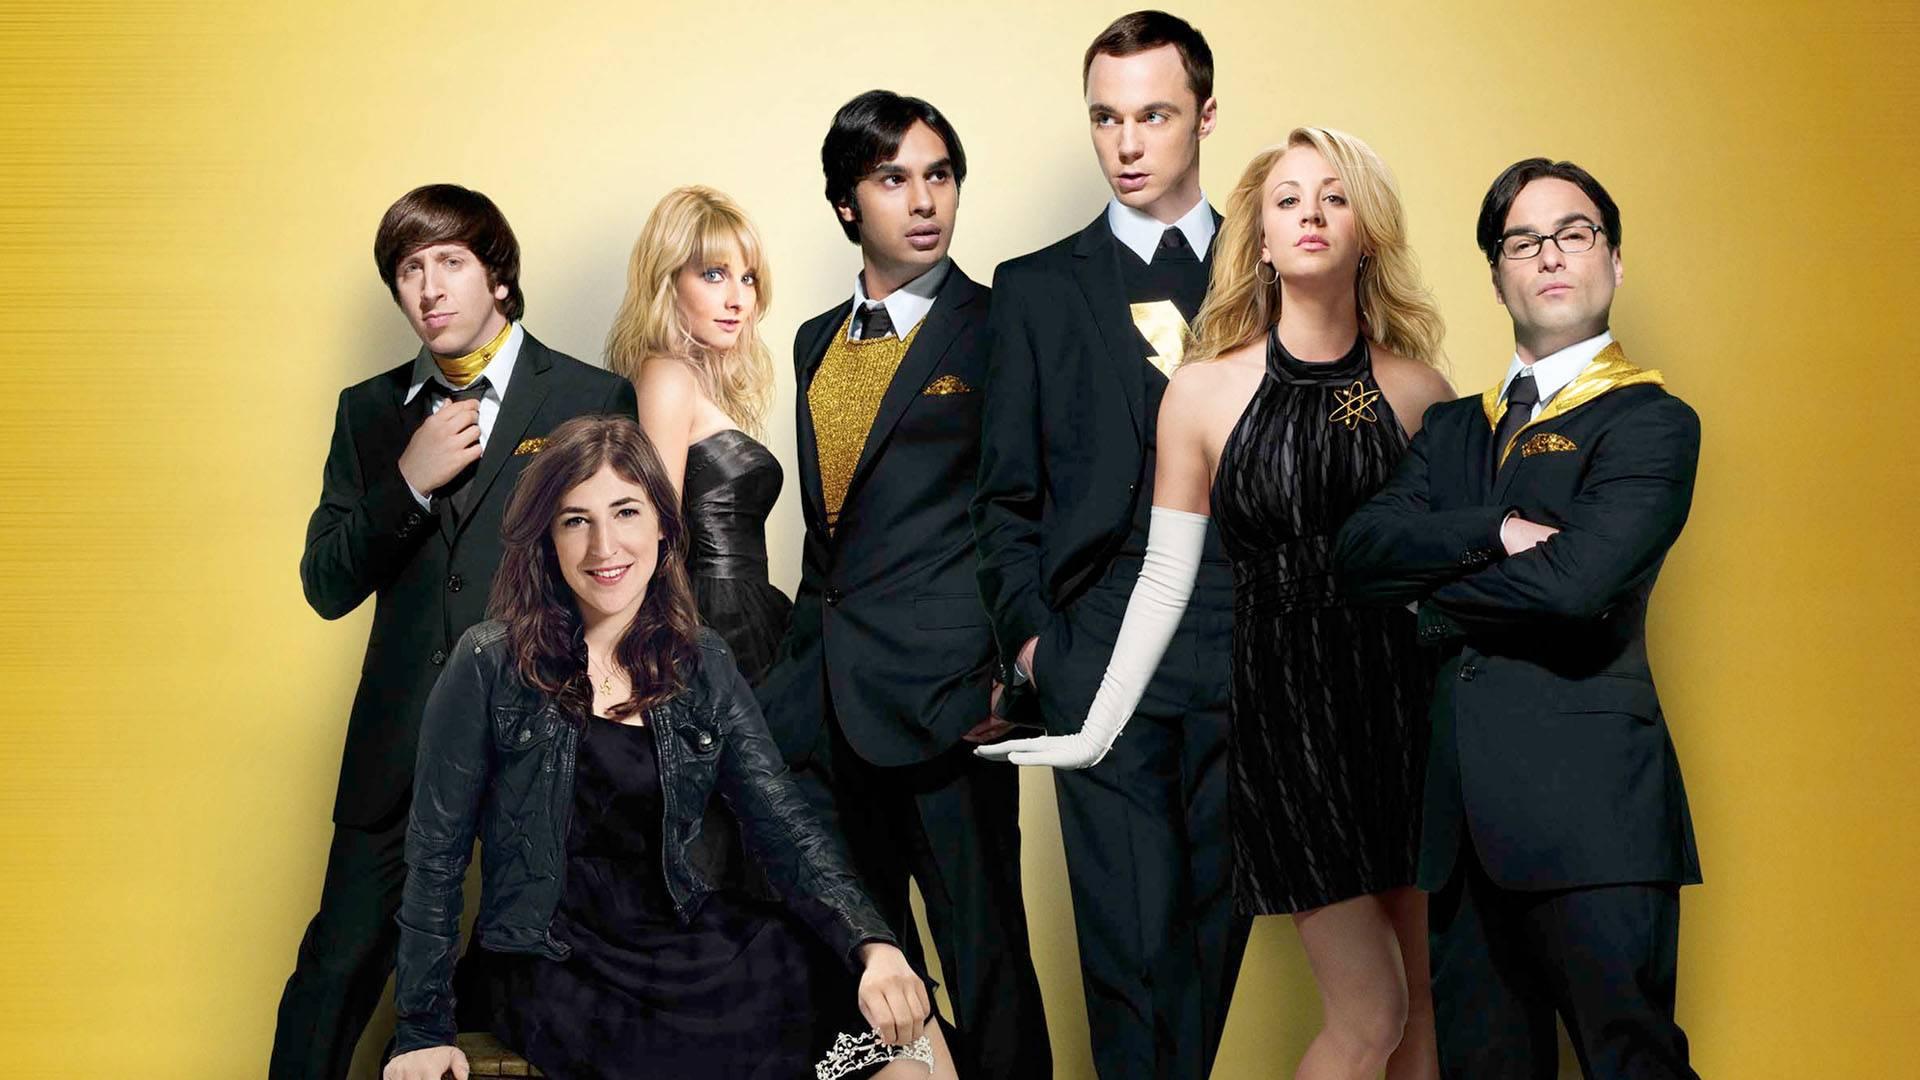 the big bang theory wallpaper  The Big Bang Theory HD Wallpaper | Background Image | 1920x1080 | ID ...